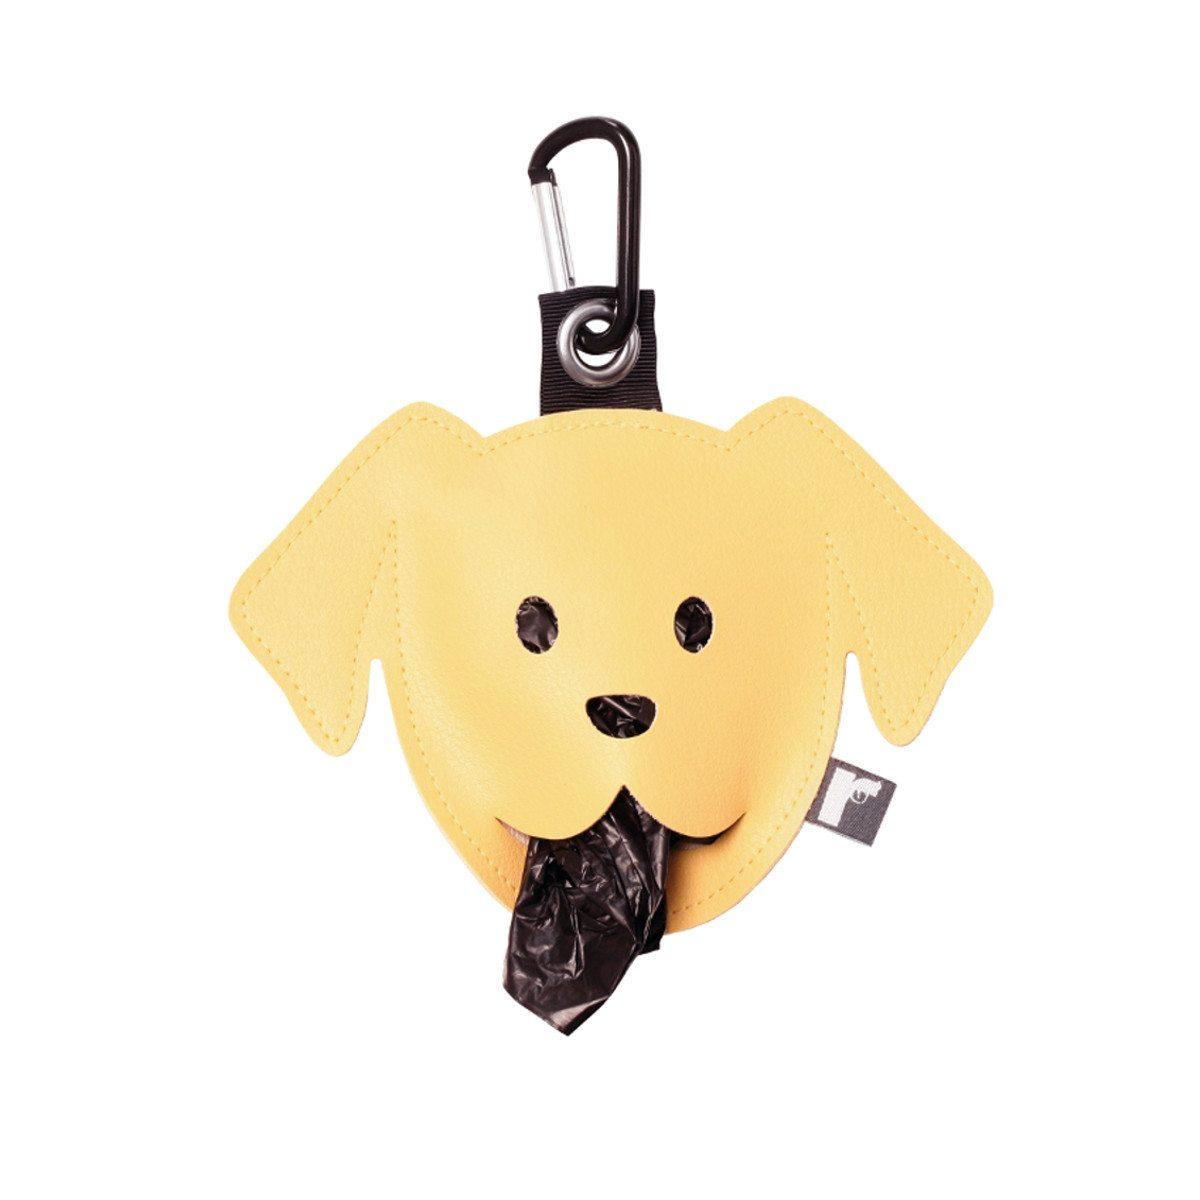 Goodie zum Gassi-Gehen: Der Hundebeutelspender vanille